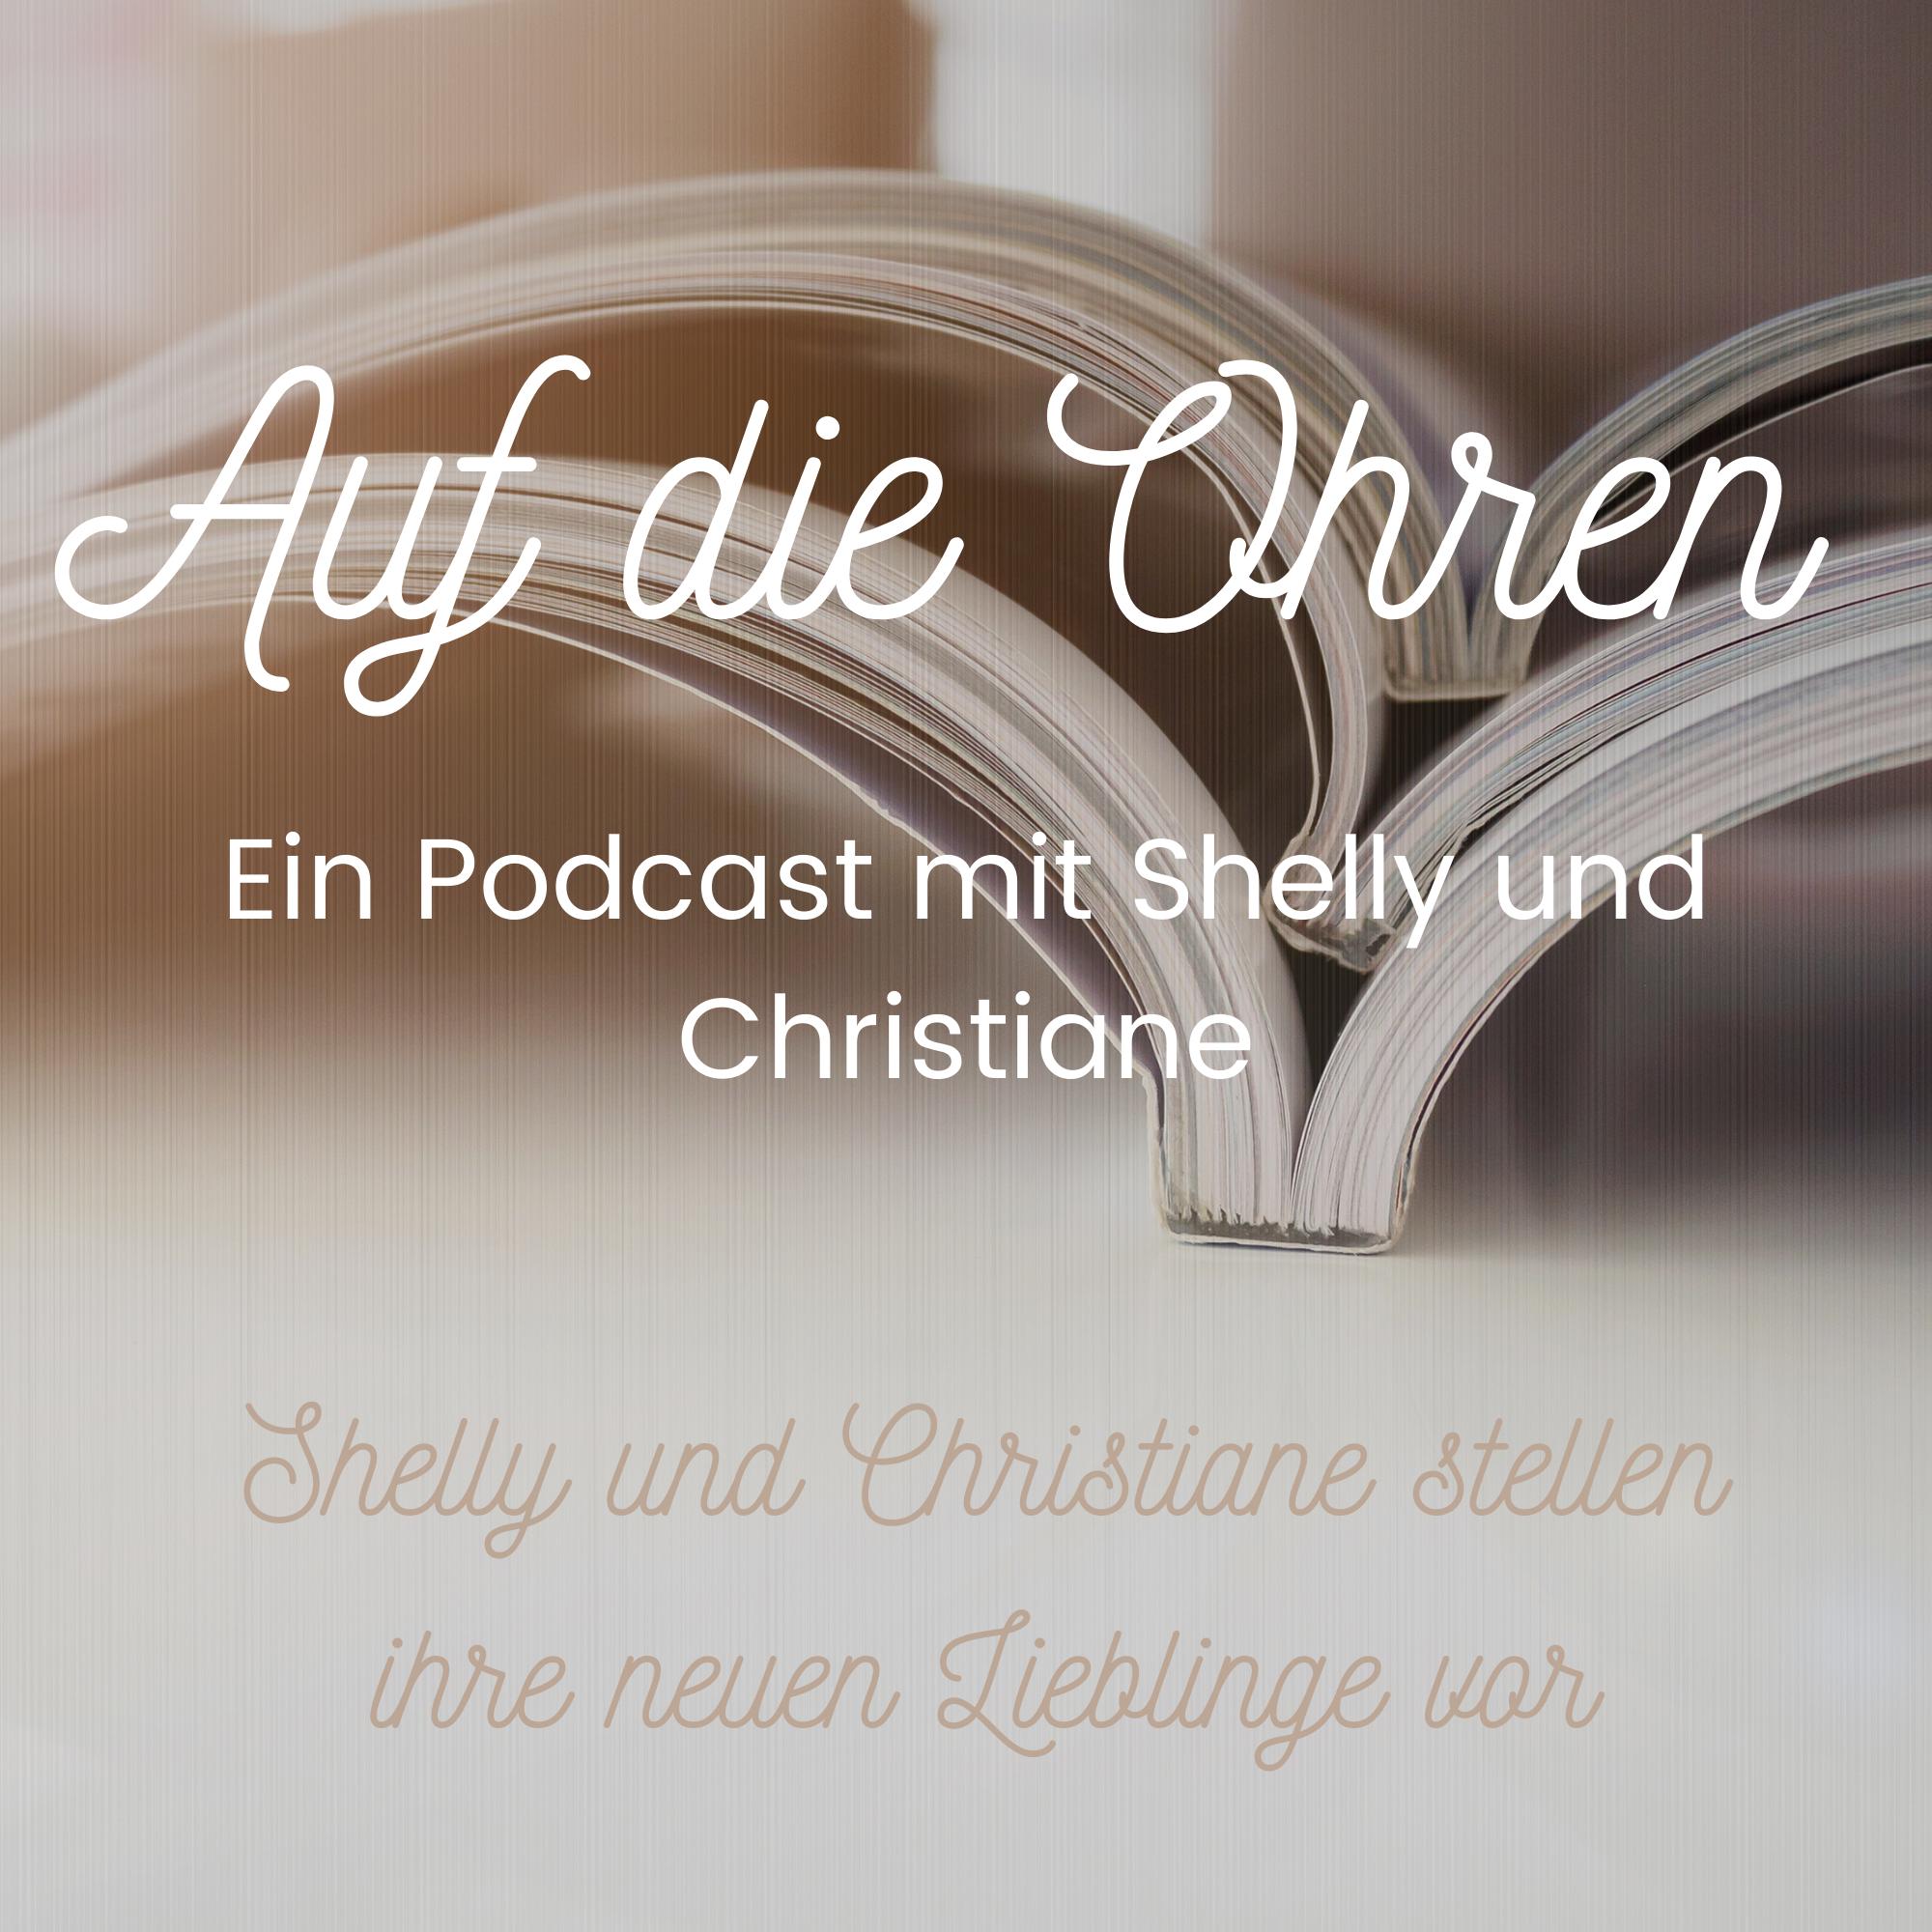 Werbebild Podcast Juli. Thema: Shelly und Christiane stellen ihre neuen Lieblinge vor.